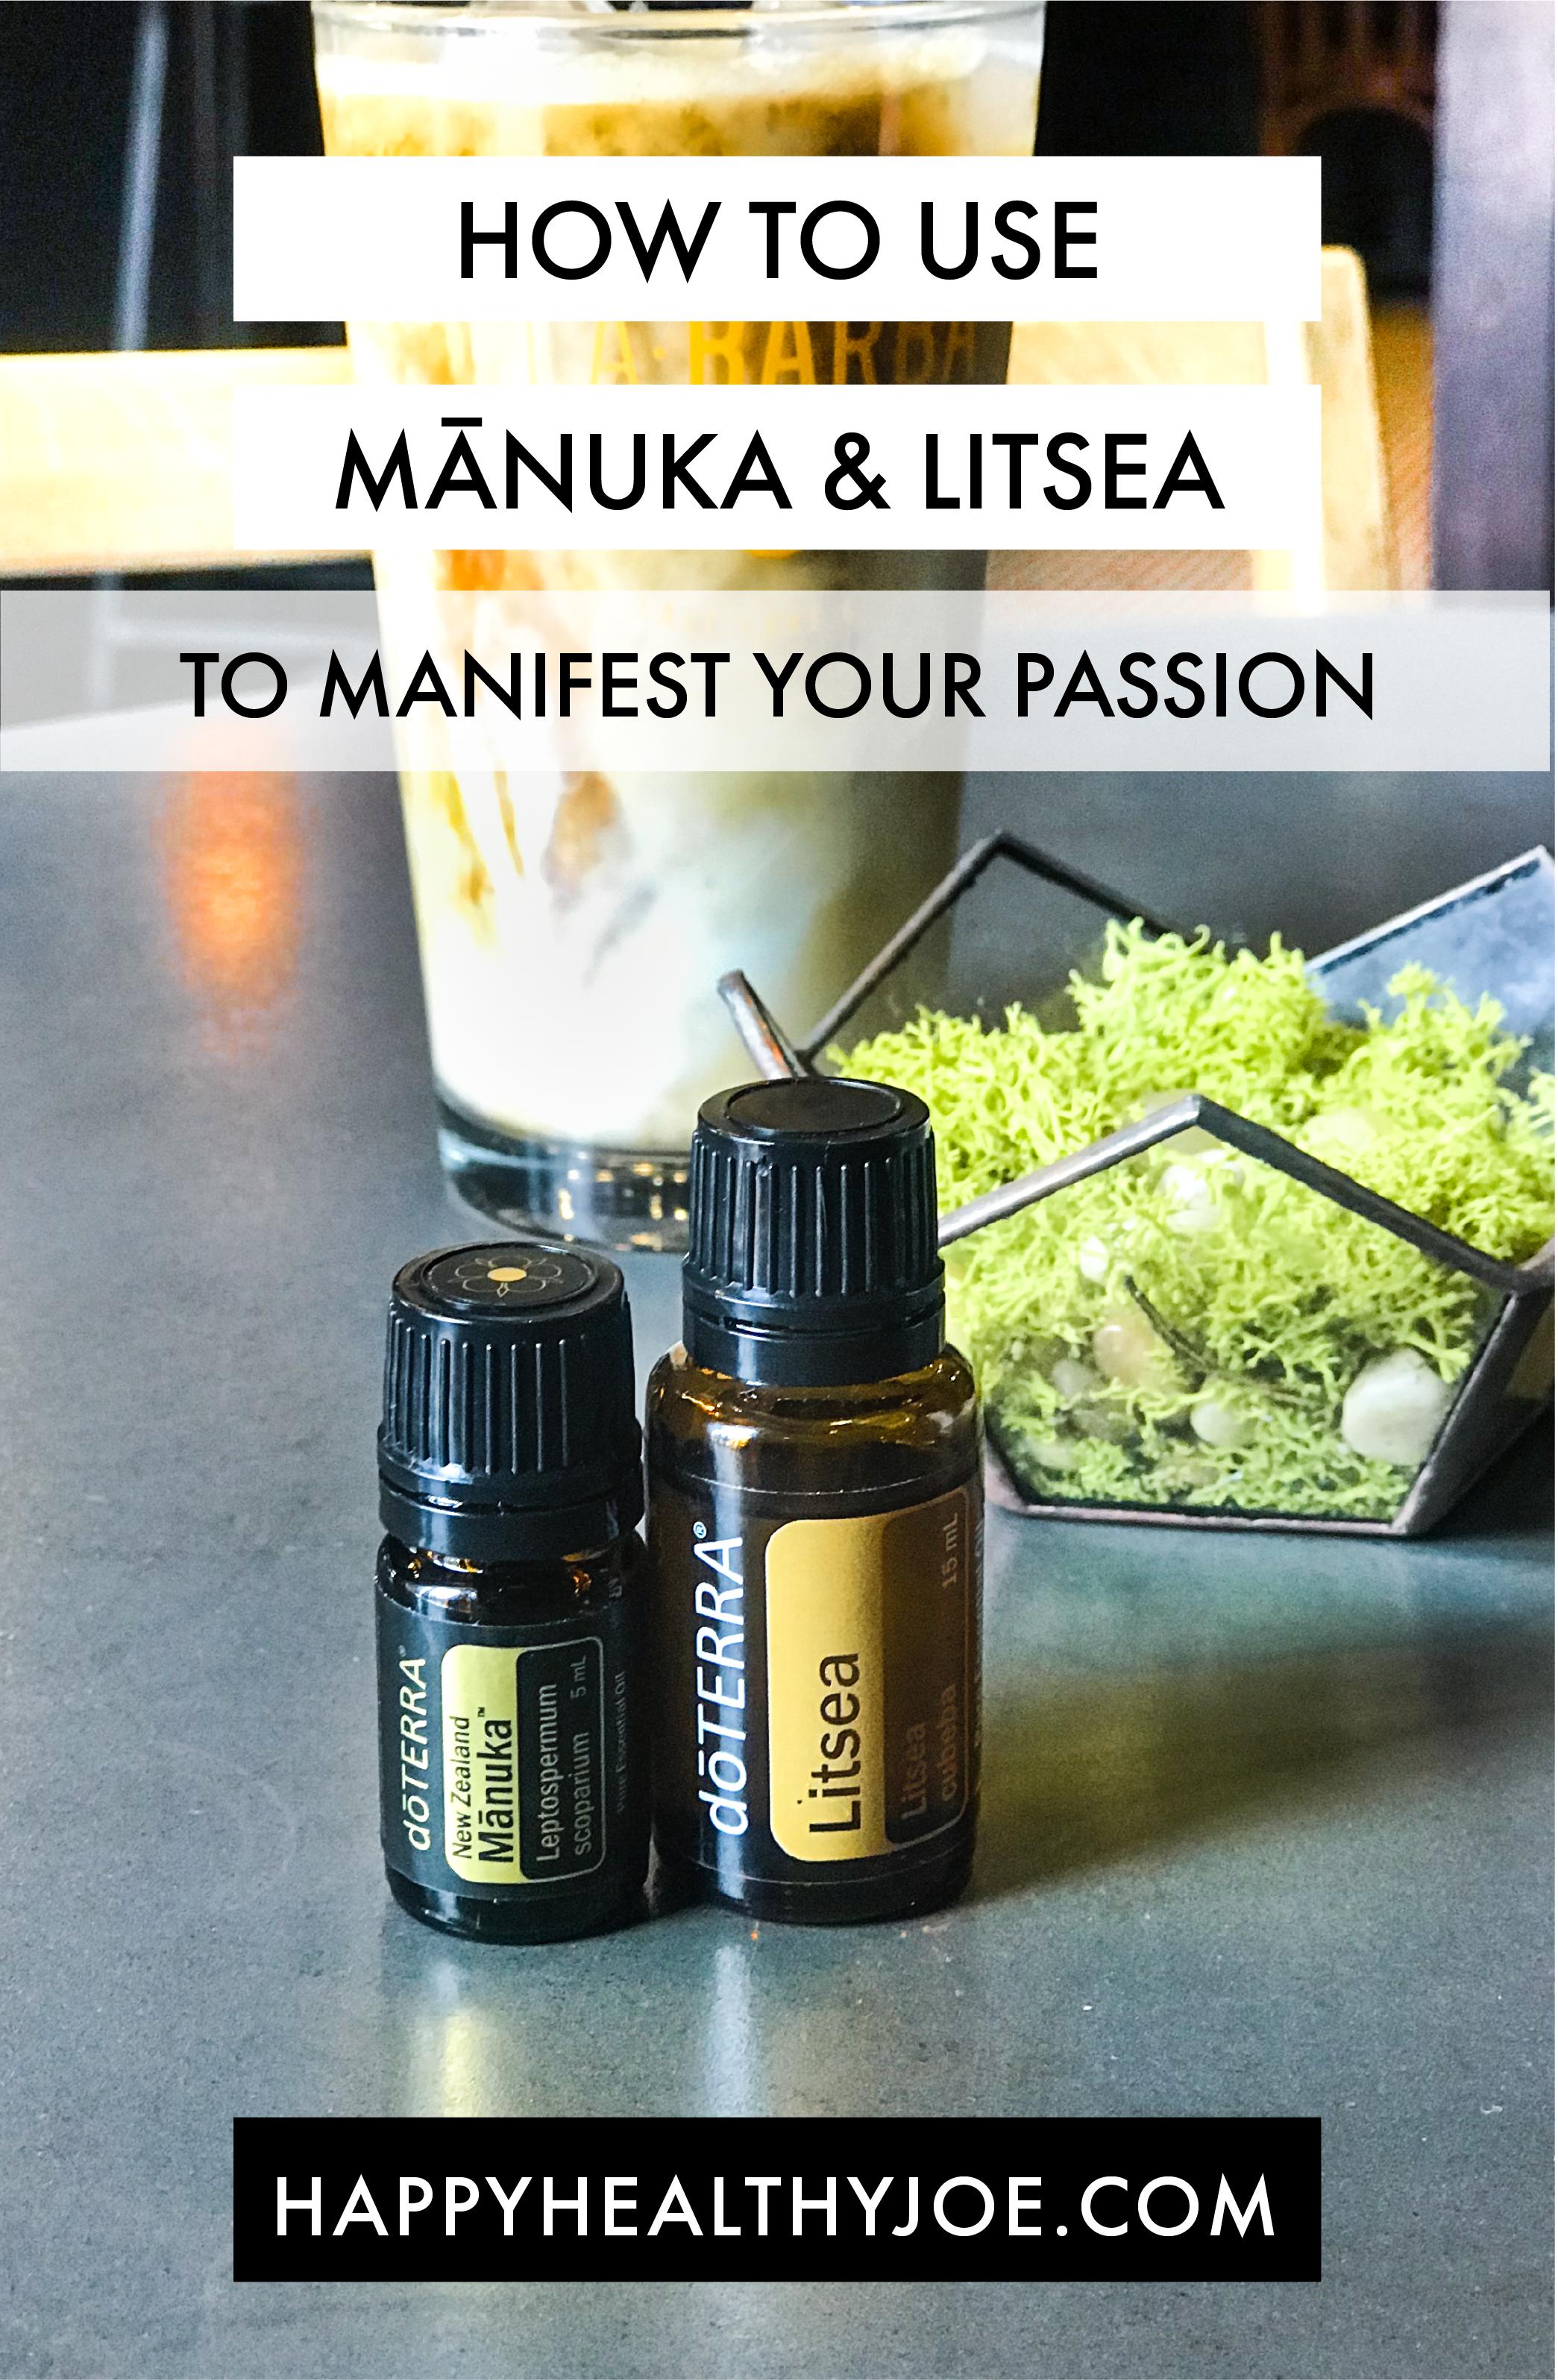 Manuka & Litsea-23.png